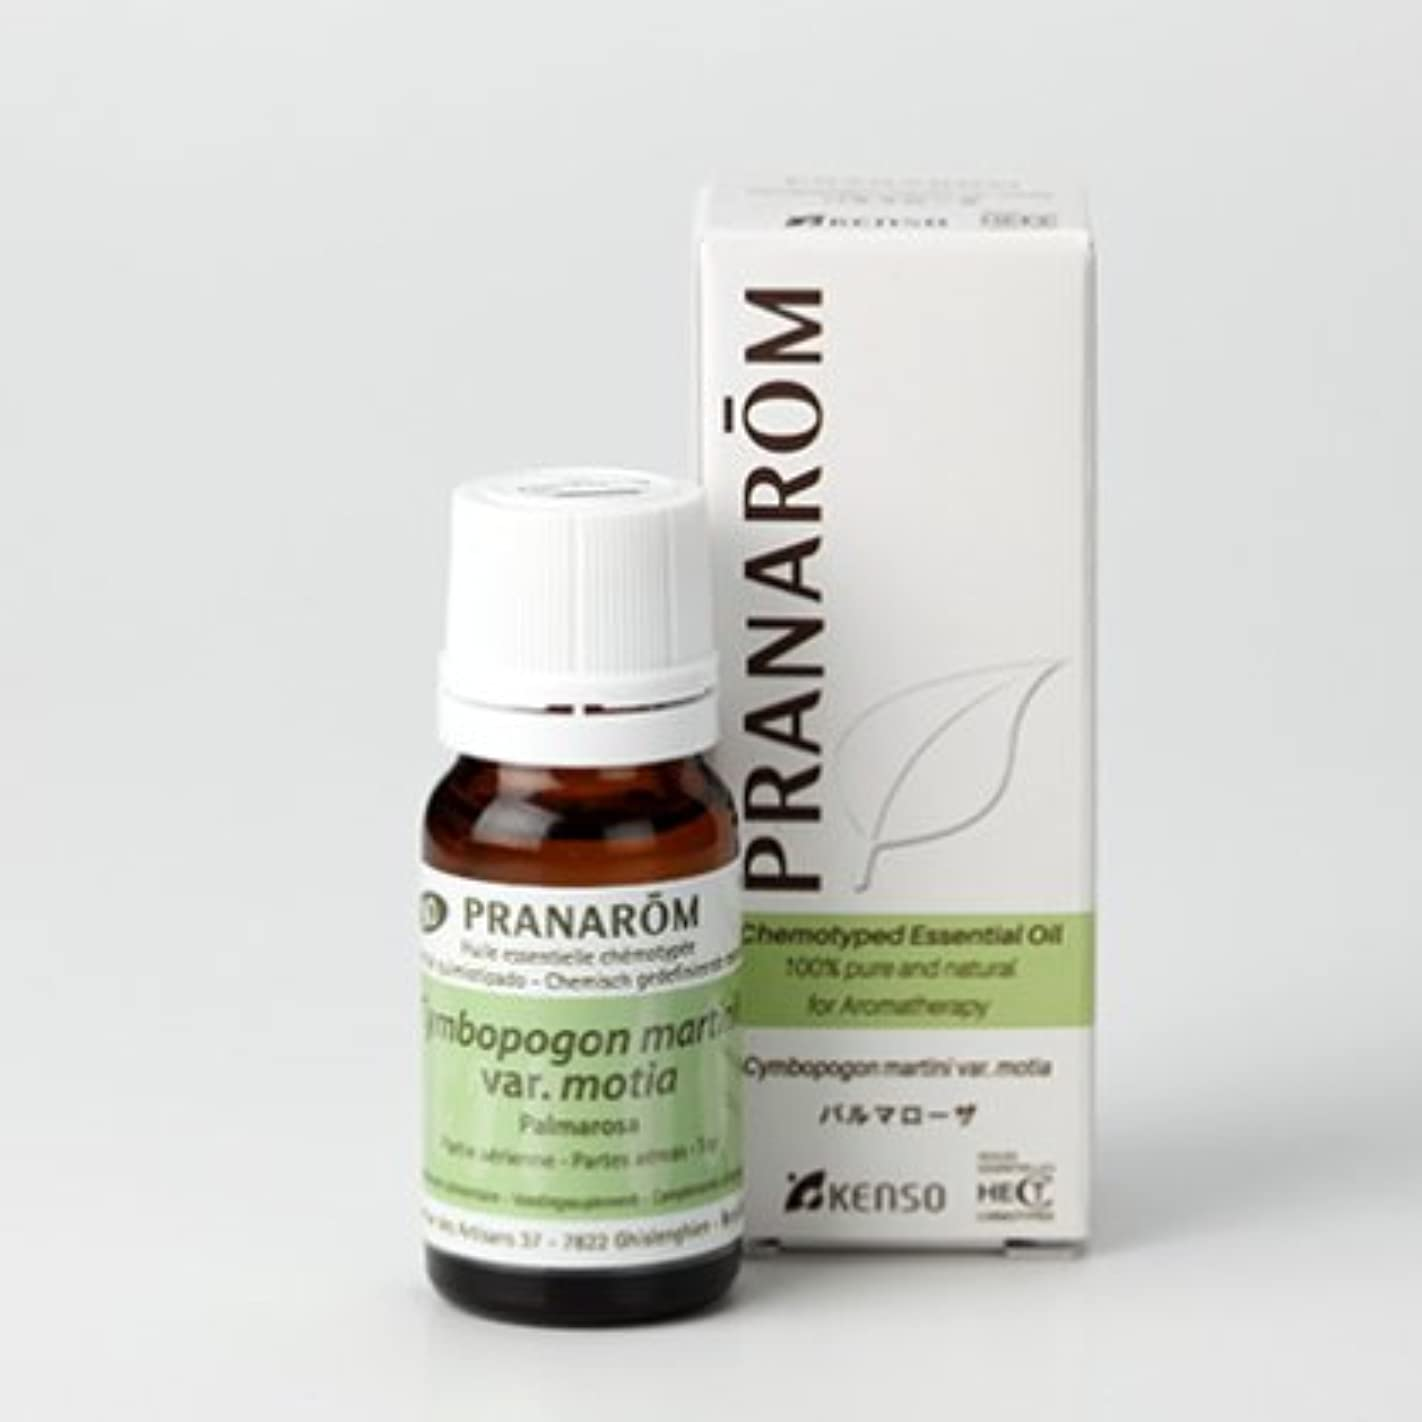 スタイル肺ヘロインパルマローザ 10mlトップノート プラナロム社エッセンシャルオイル(精油)